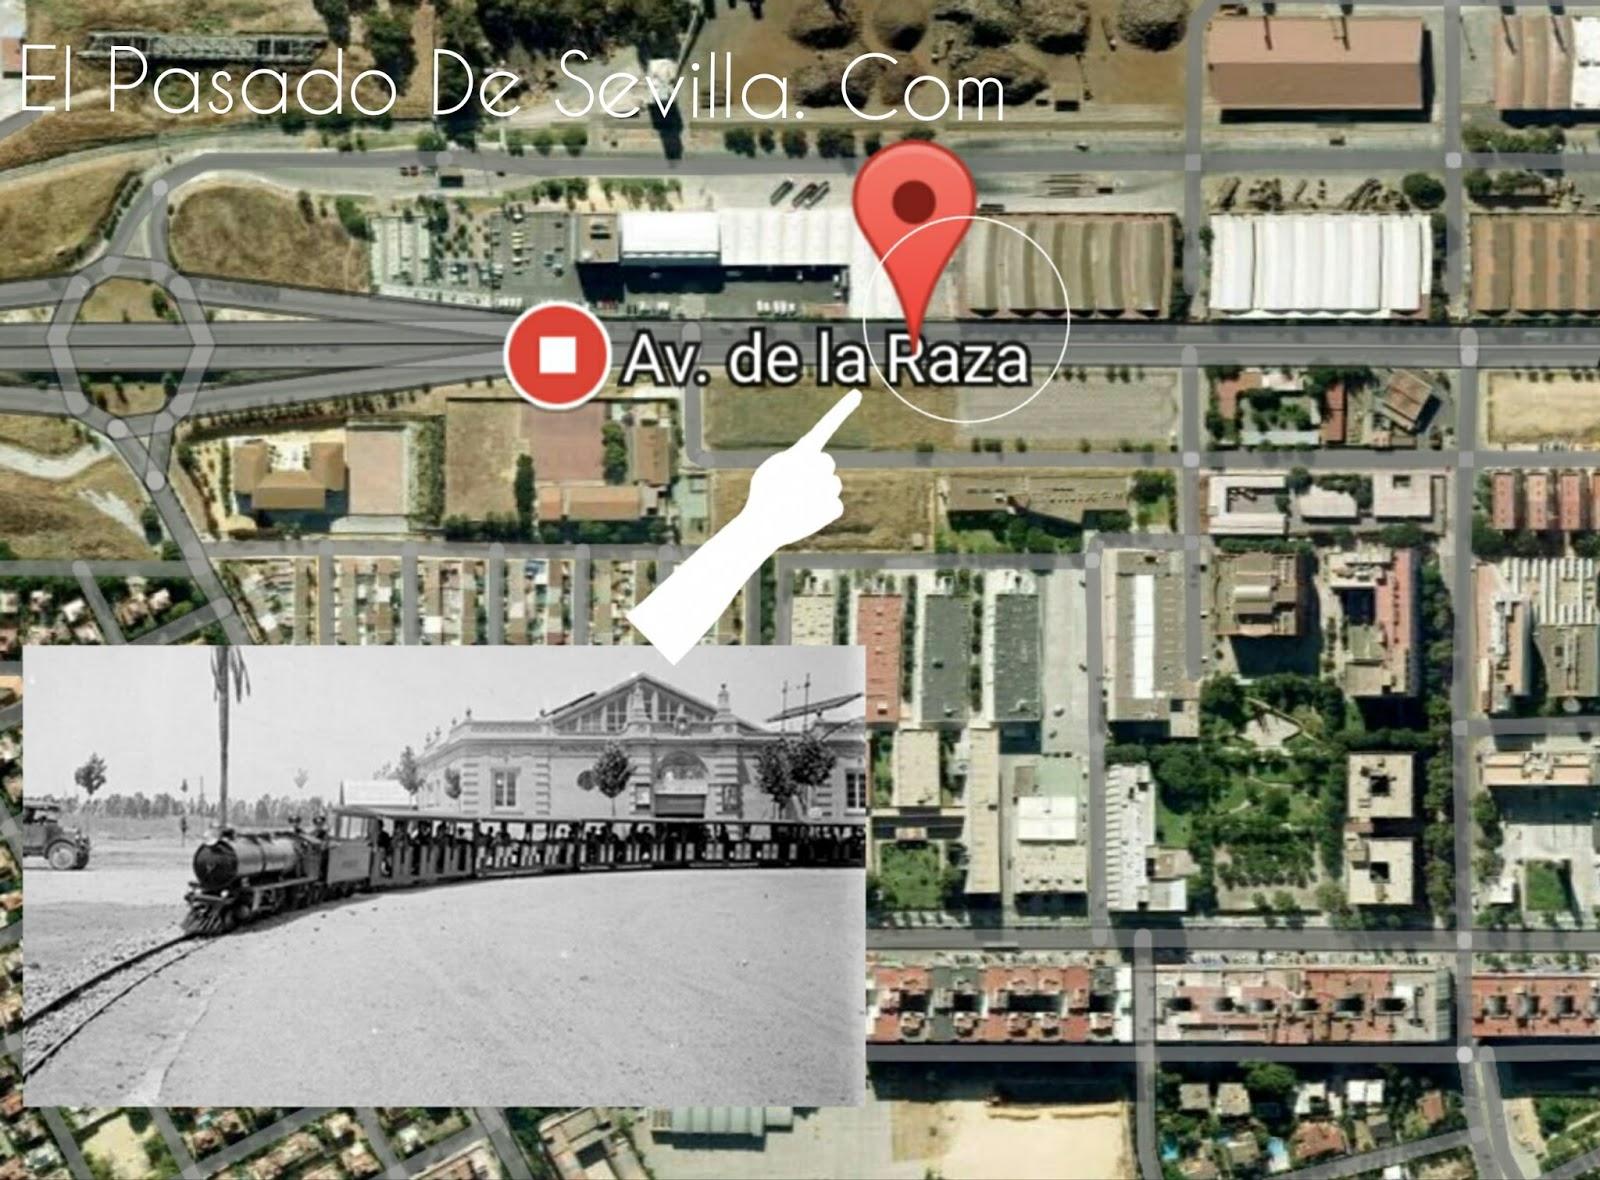 EL PASADO DE SEVILLA: De orgullo de Sevilla, a Barrio Sésamo